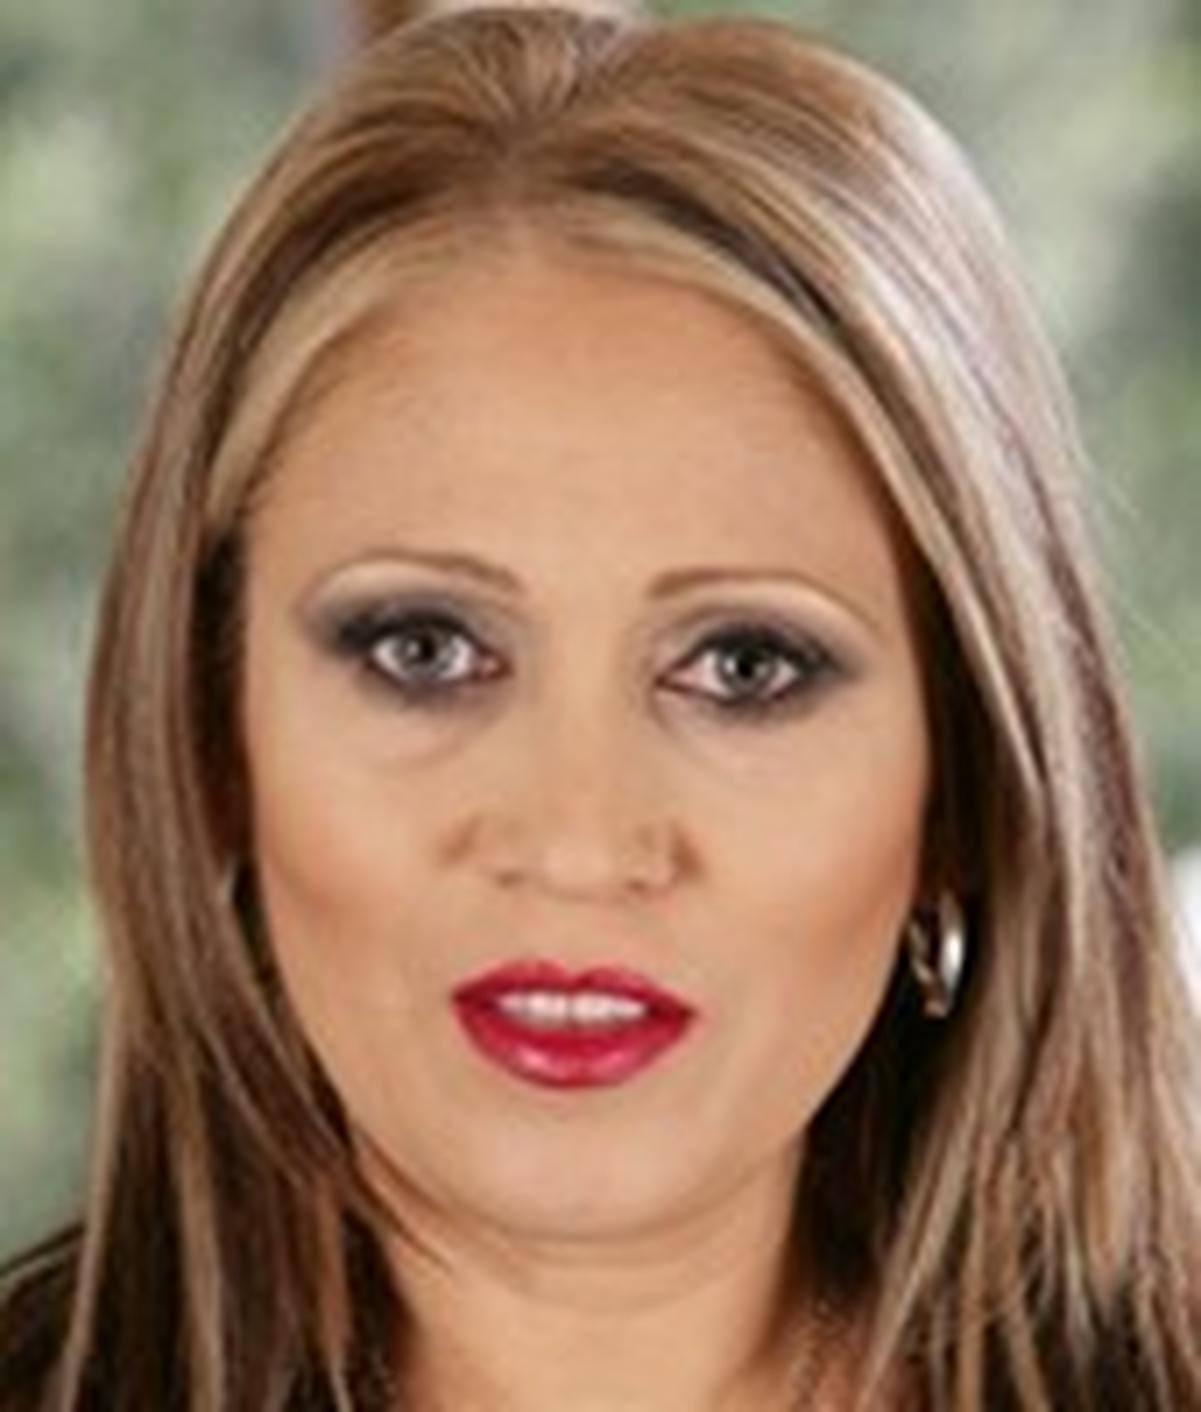 Sasha Skyy